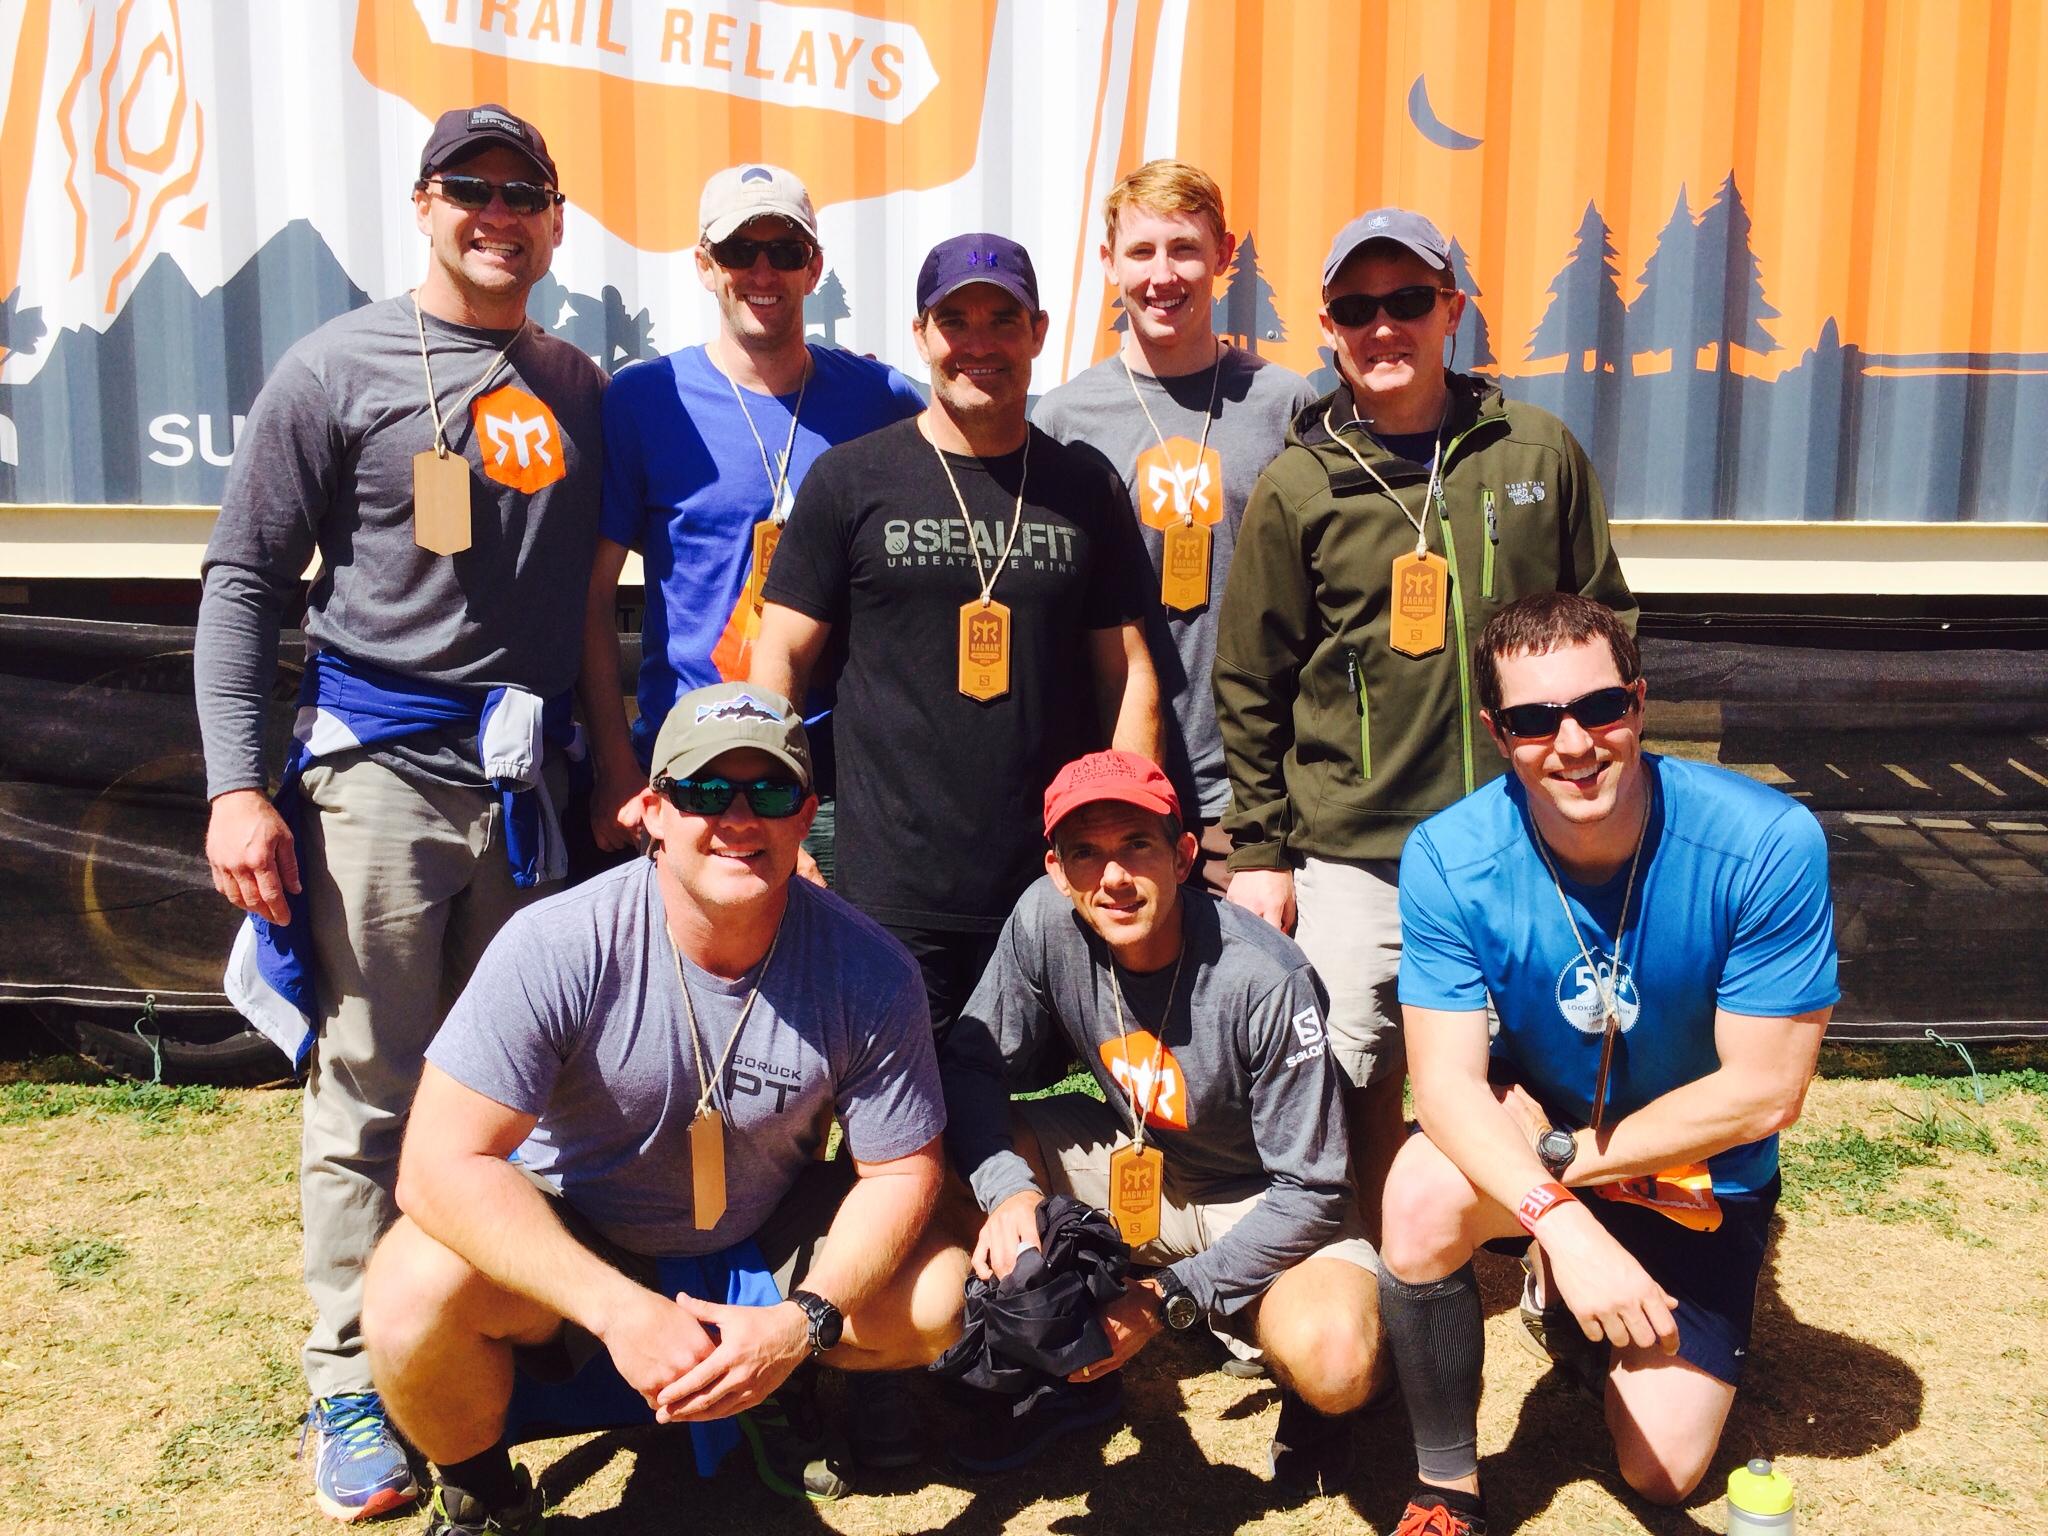 RRL Team at the Ragnar Trail. Good times